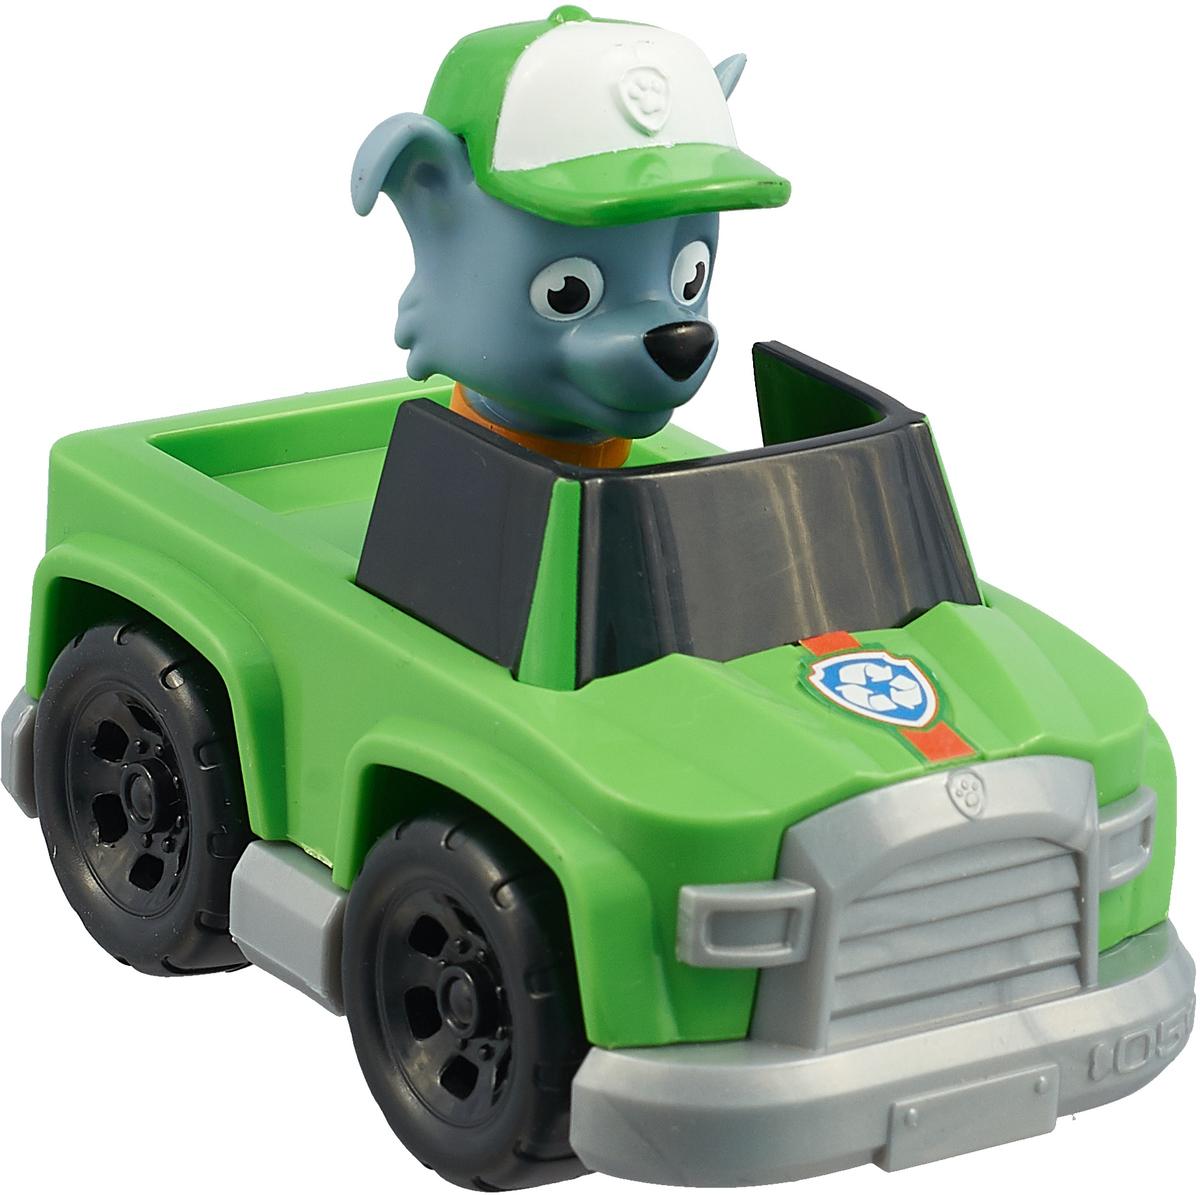 Paw Patrol Машинка спасателя Rocky paw patrol игровой набор машинка спасателя и щенок rocky цвет зеленый серый оранжевый